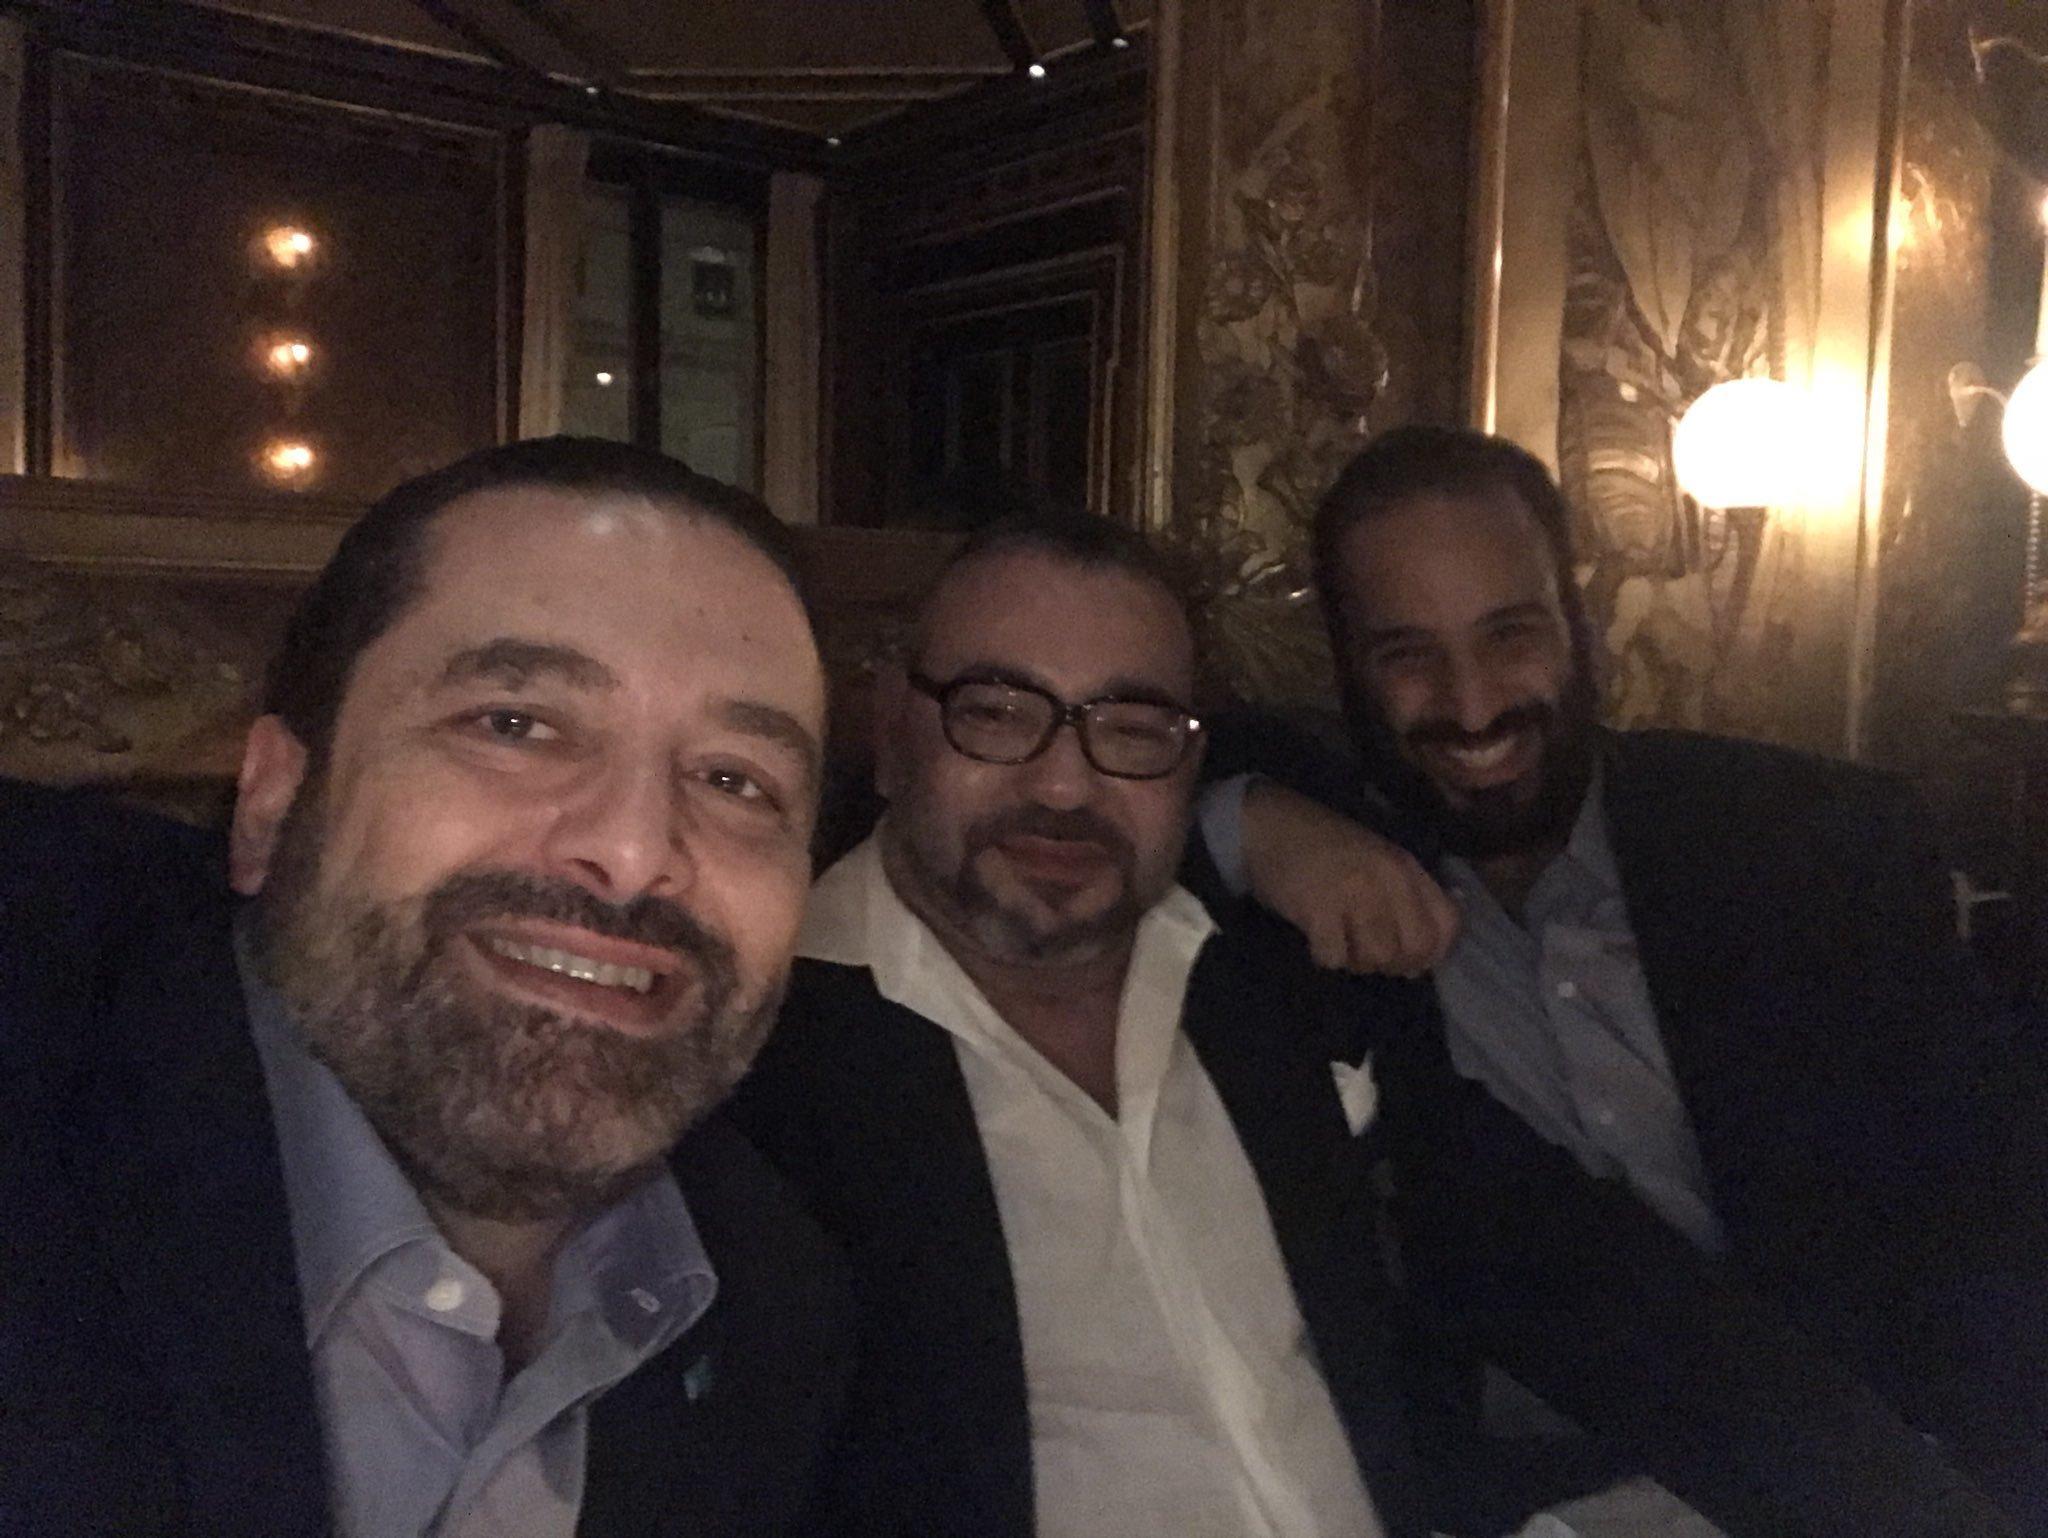 Le roi Mohammed VI, MBS et Saad Hariri réunis le temps d'un dîner (et d'un selfie) à